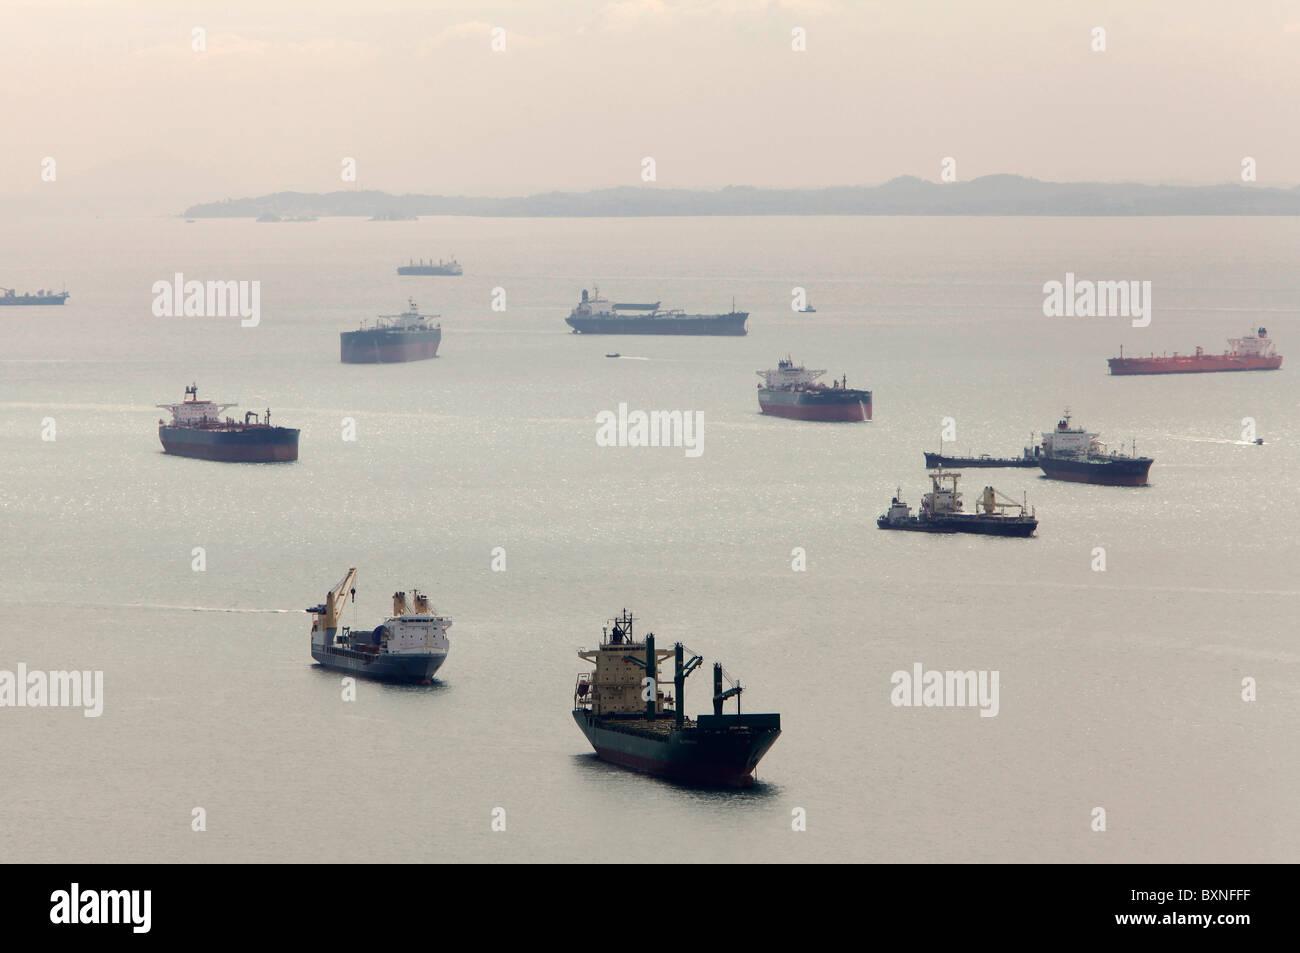 In attesa delle navi al largo del porto di Singapore, in attesa di un dock Immagini Stock